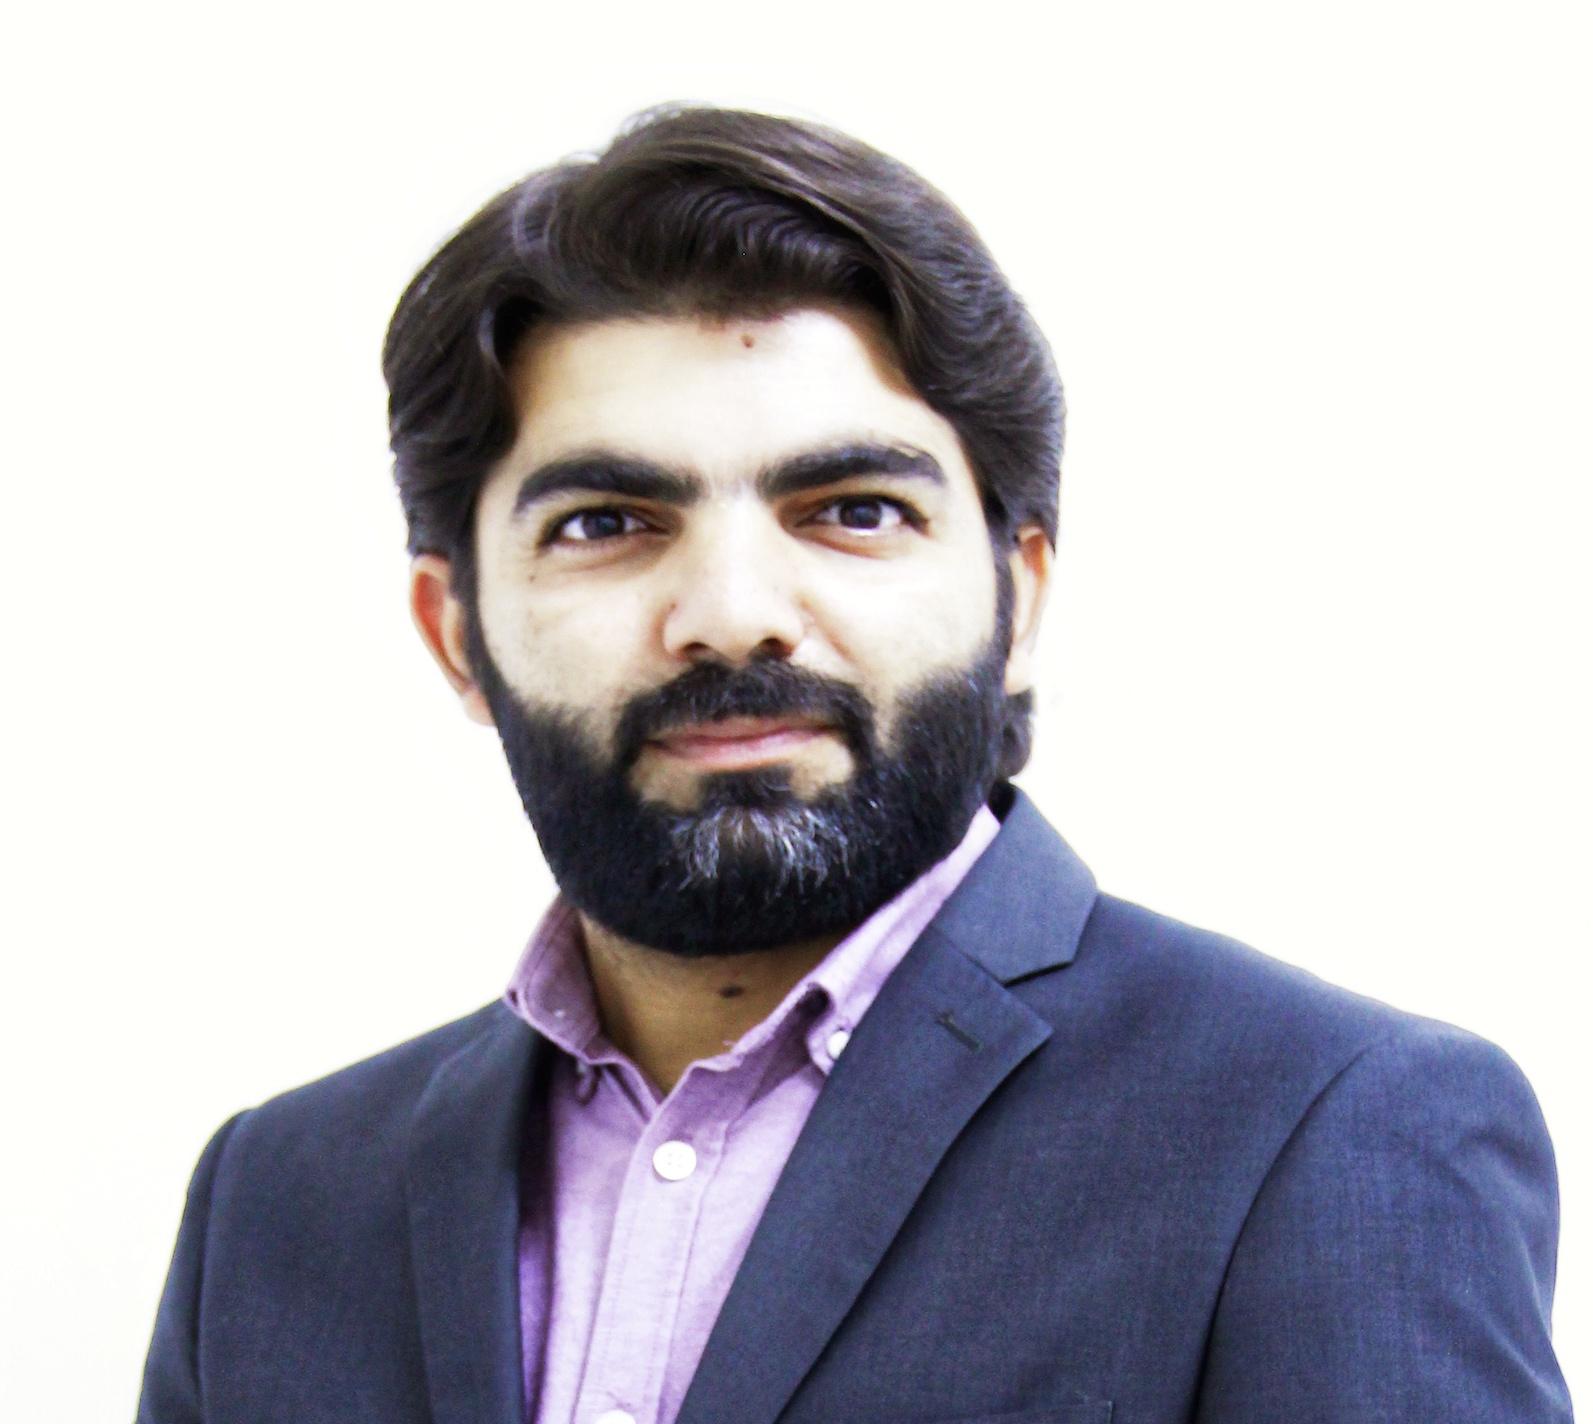 Arman Khan